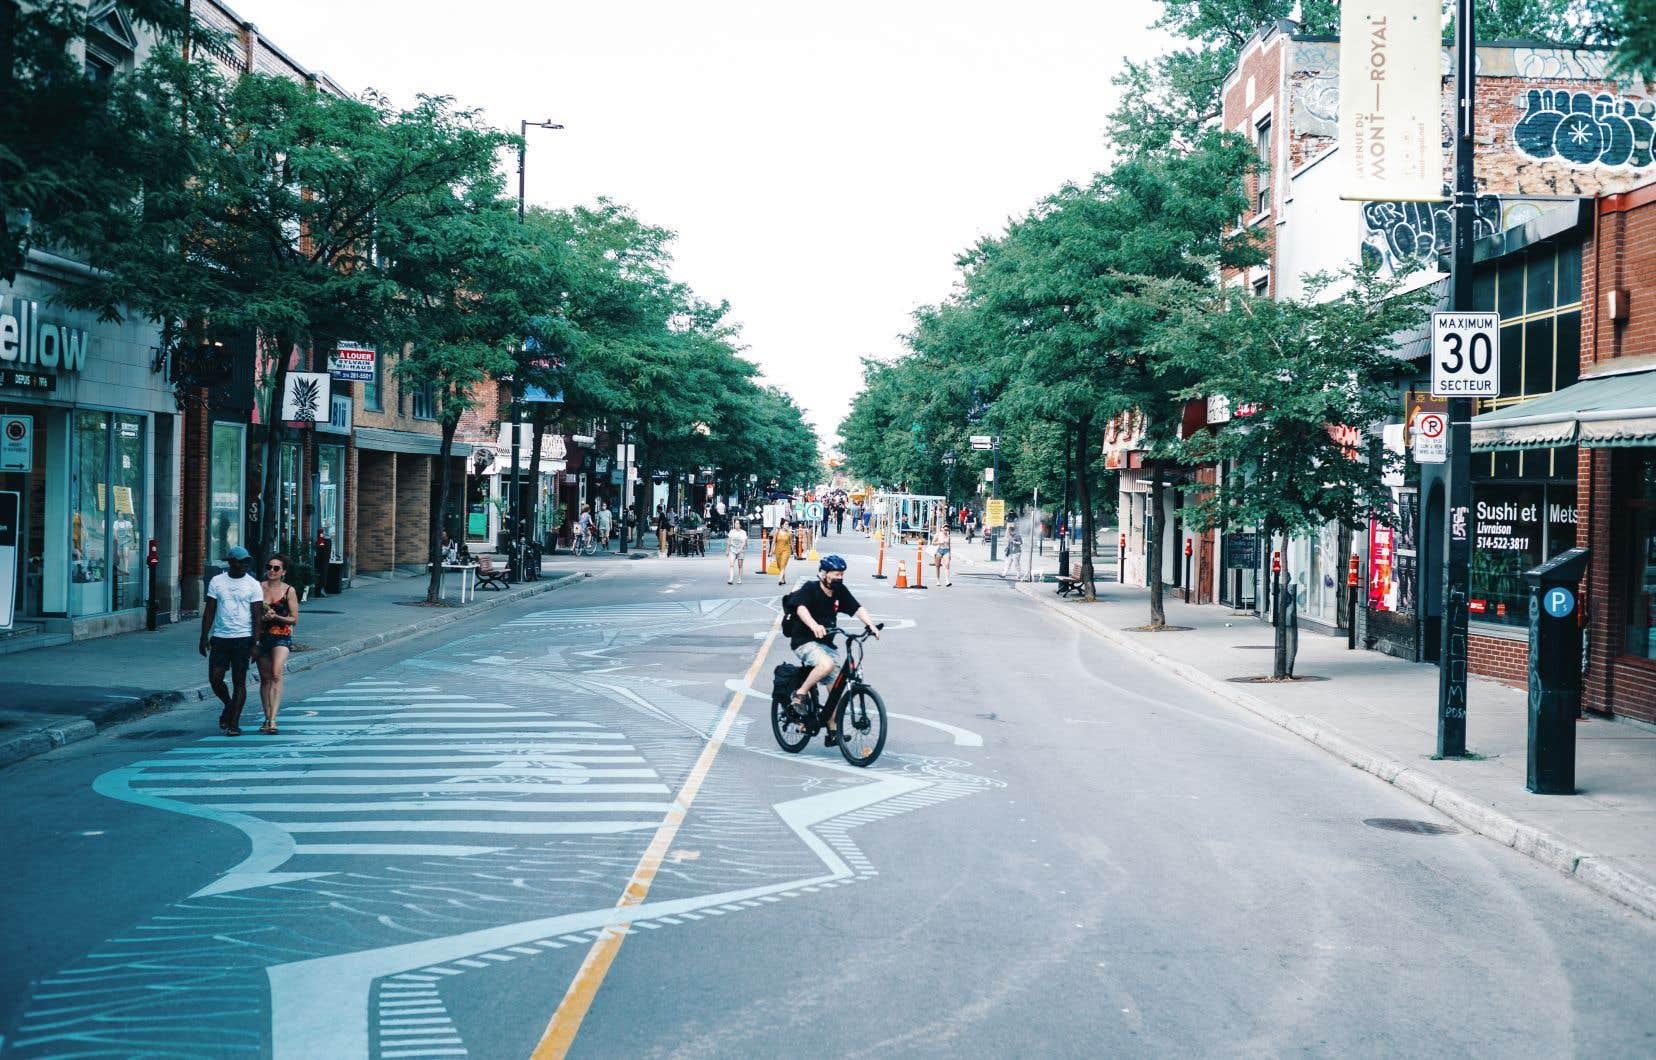 L'an dernier, la SDC de l'avenue du Mont-Royal avait fermé l'artère tout l'été à la circulation automobile, un pari risqué compte tenu de l'ampleur du projet et du peu de temps accordé pour le mettre en place. La SDC compte répéter l'expérience cette année, mais a pris soin de sonder ses membres pour connaître leur opinion.